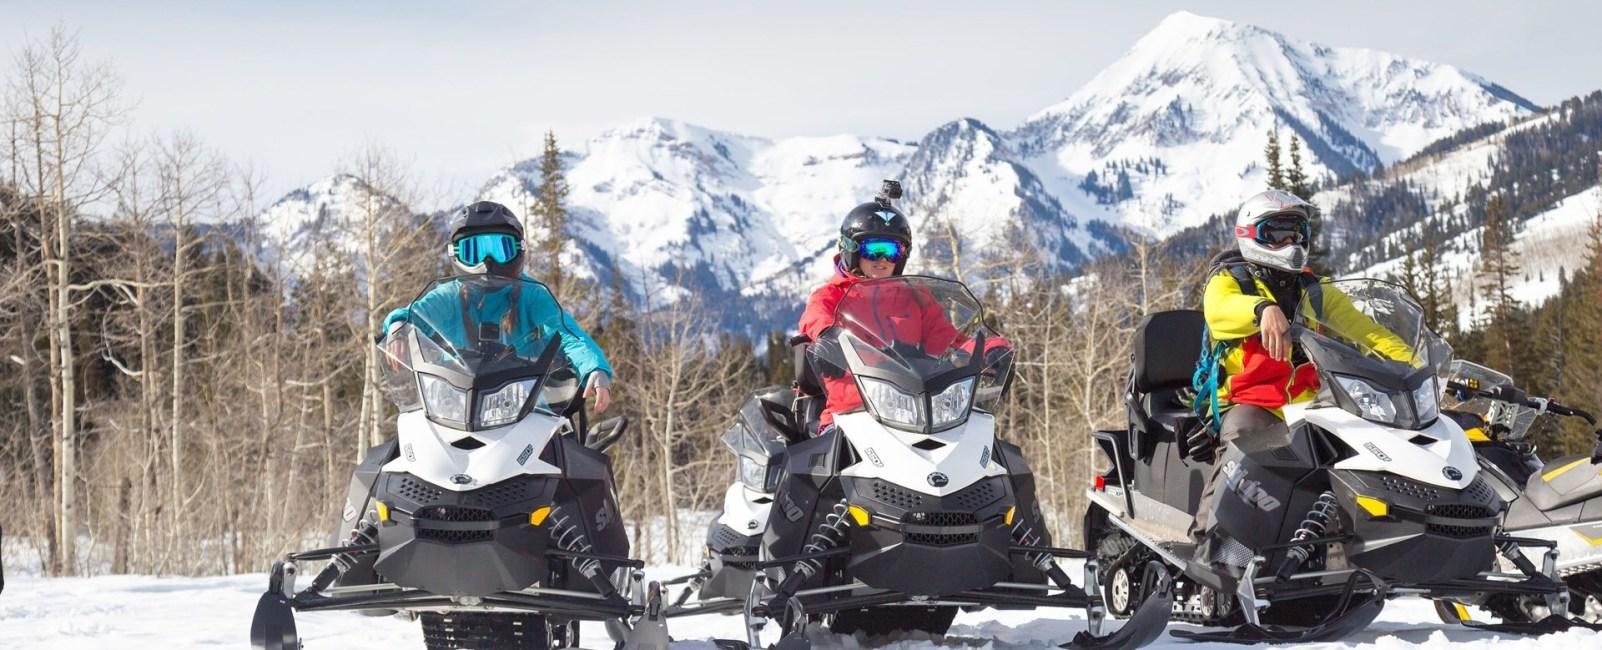 Snowbird Snowmobile Tours